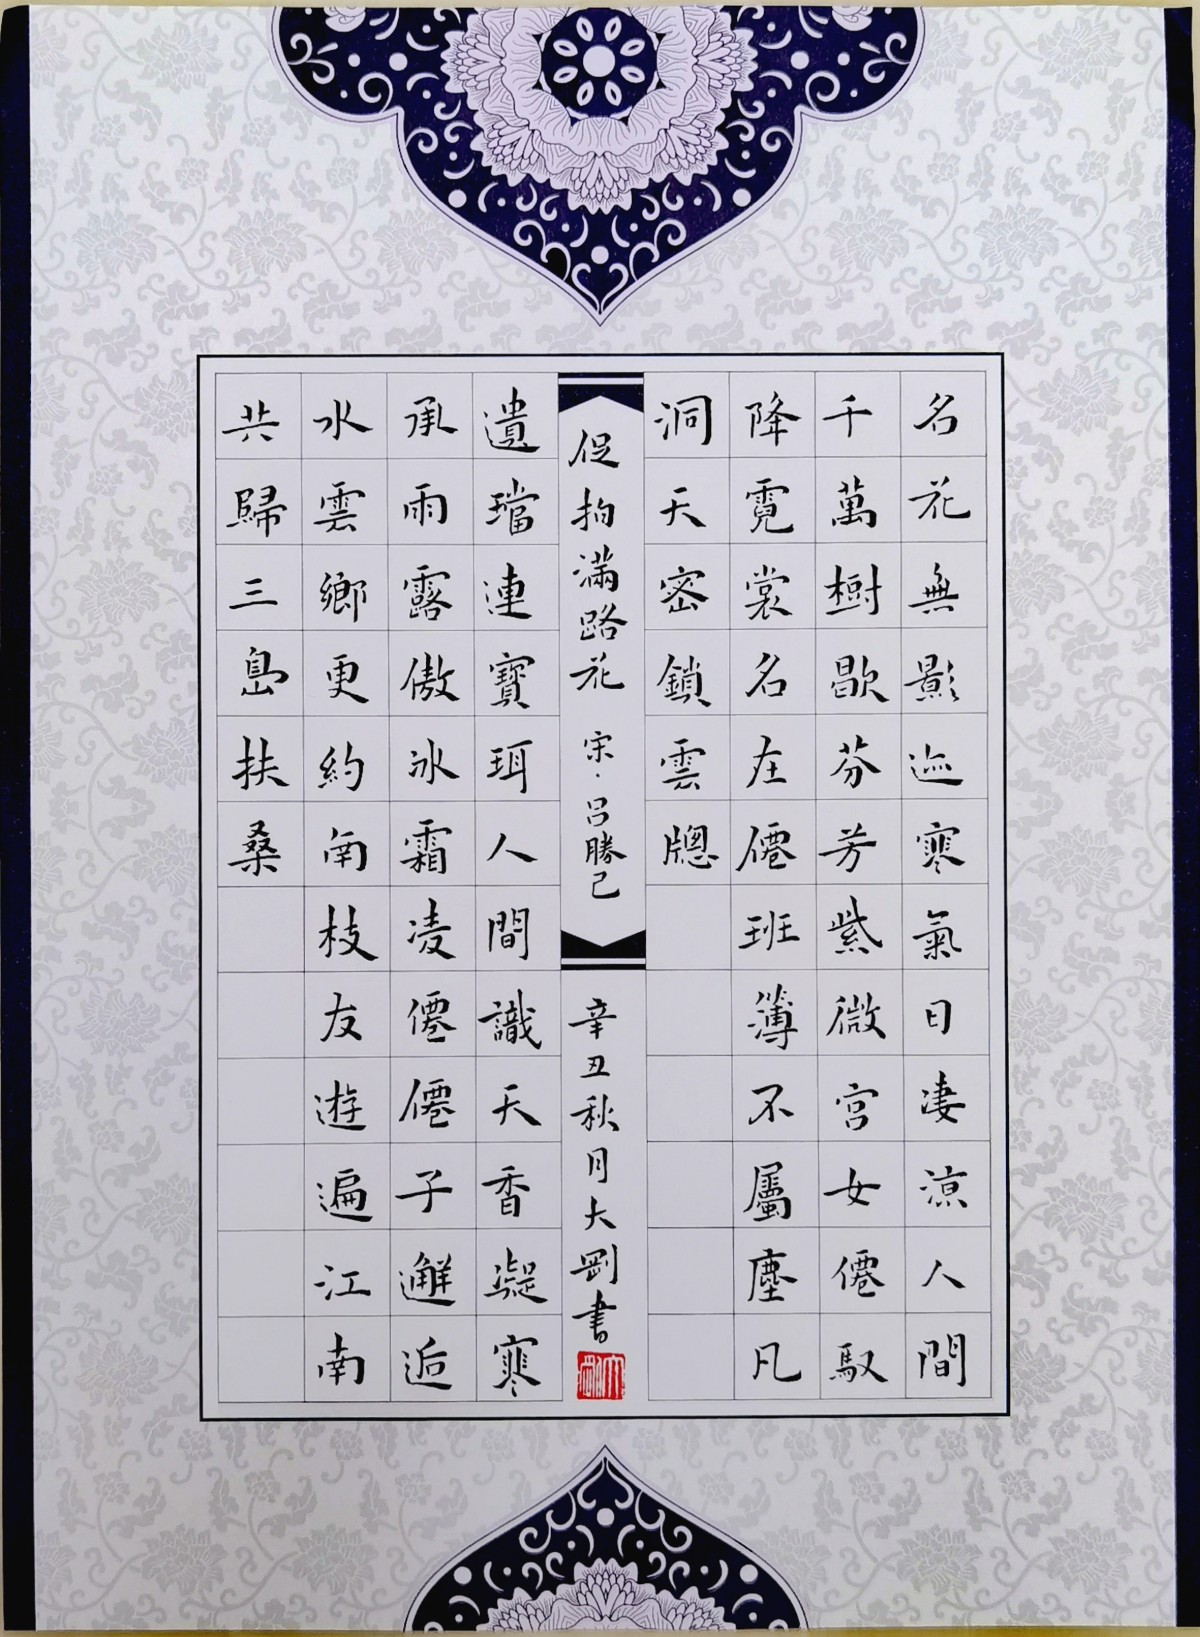 钢笔书法练字打卡20210929-24